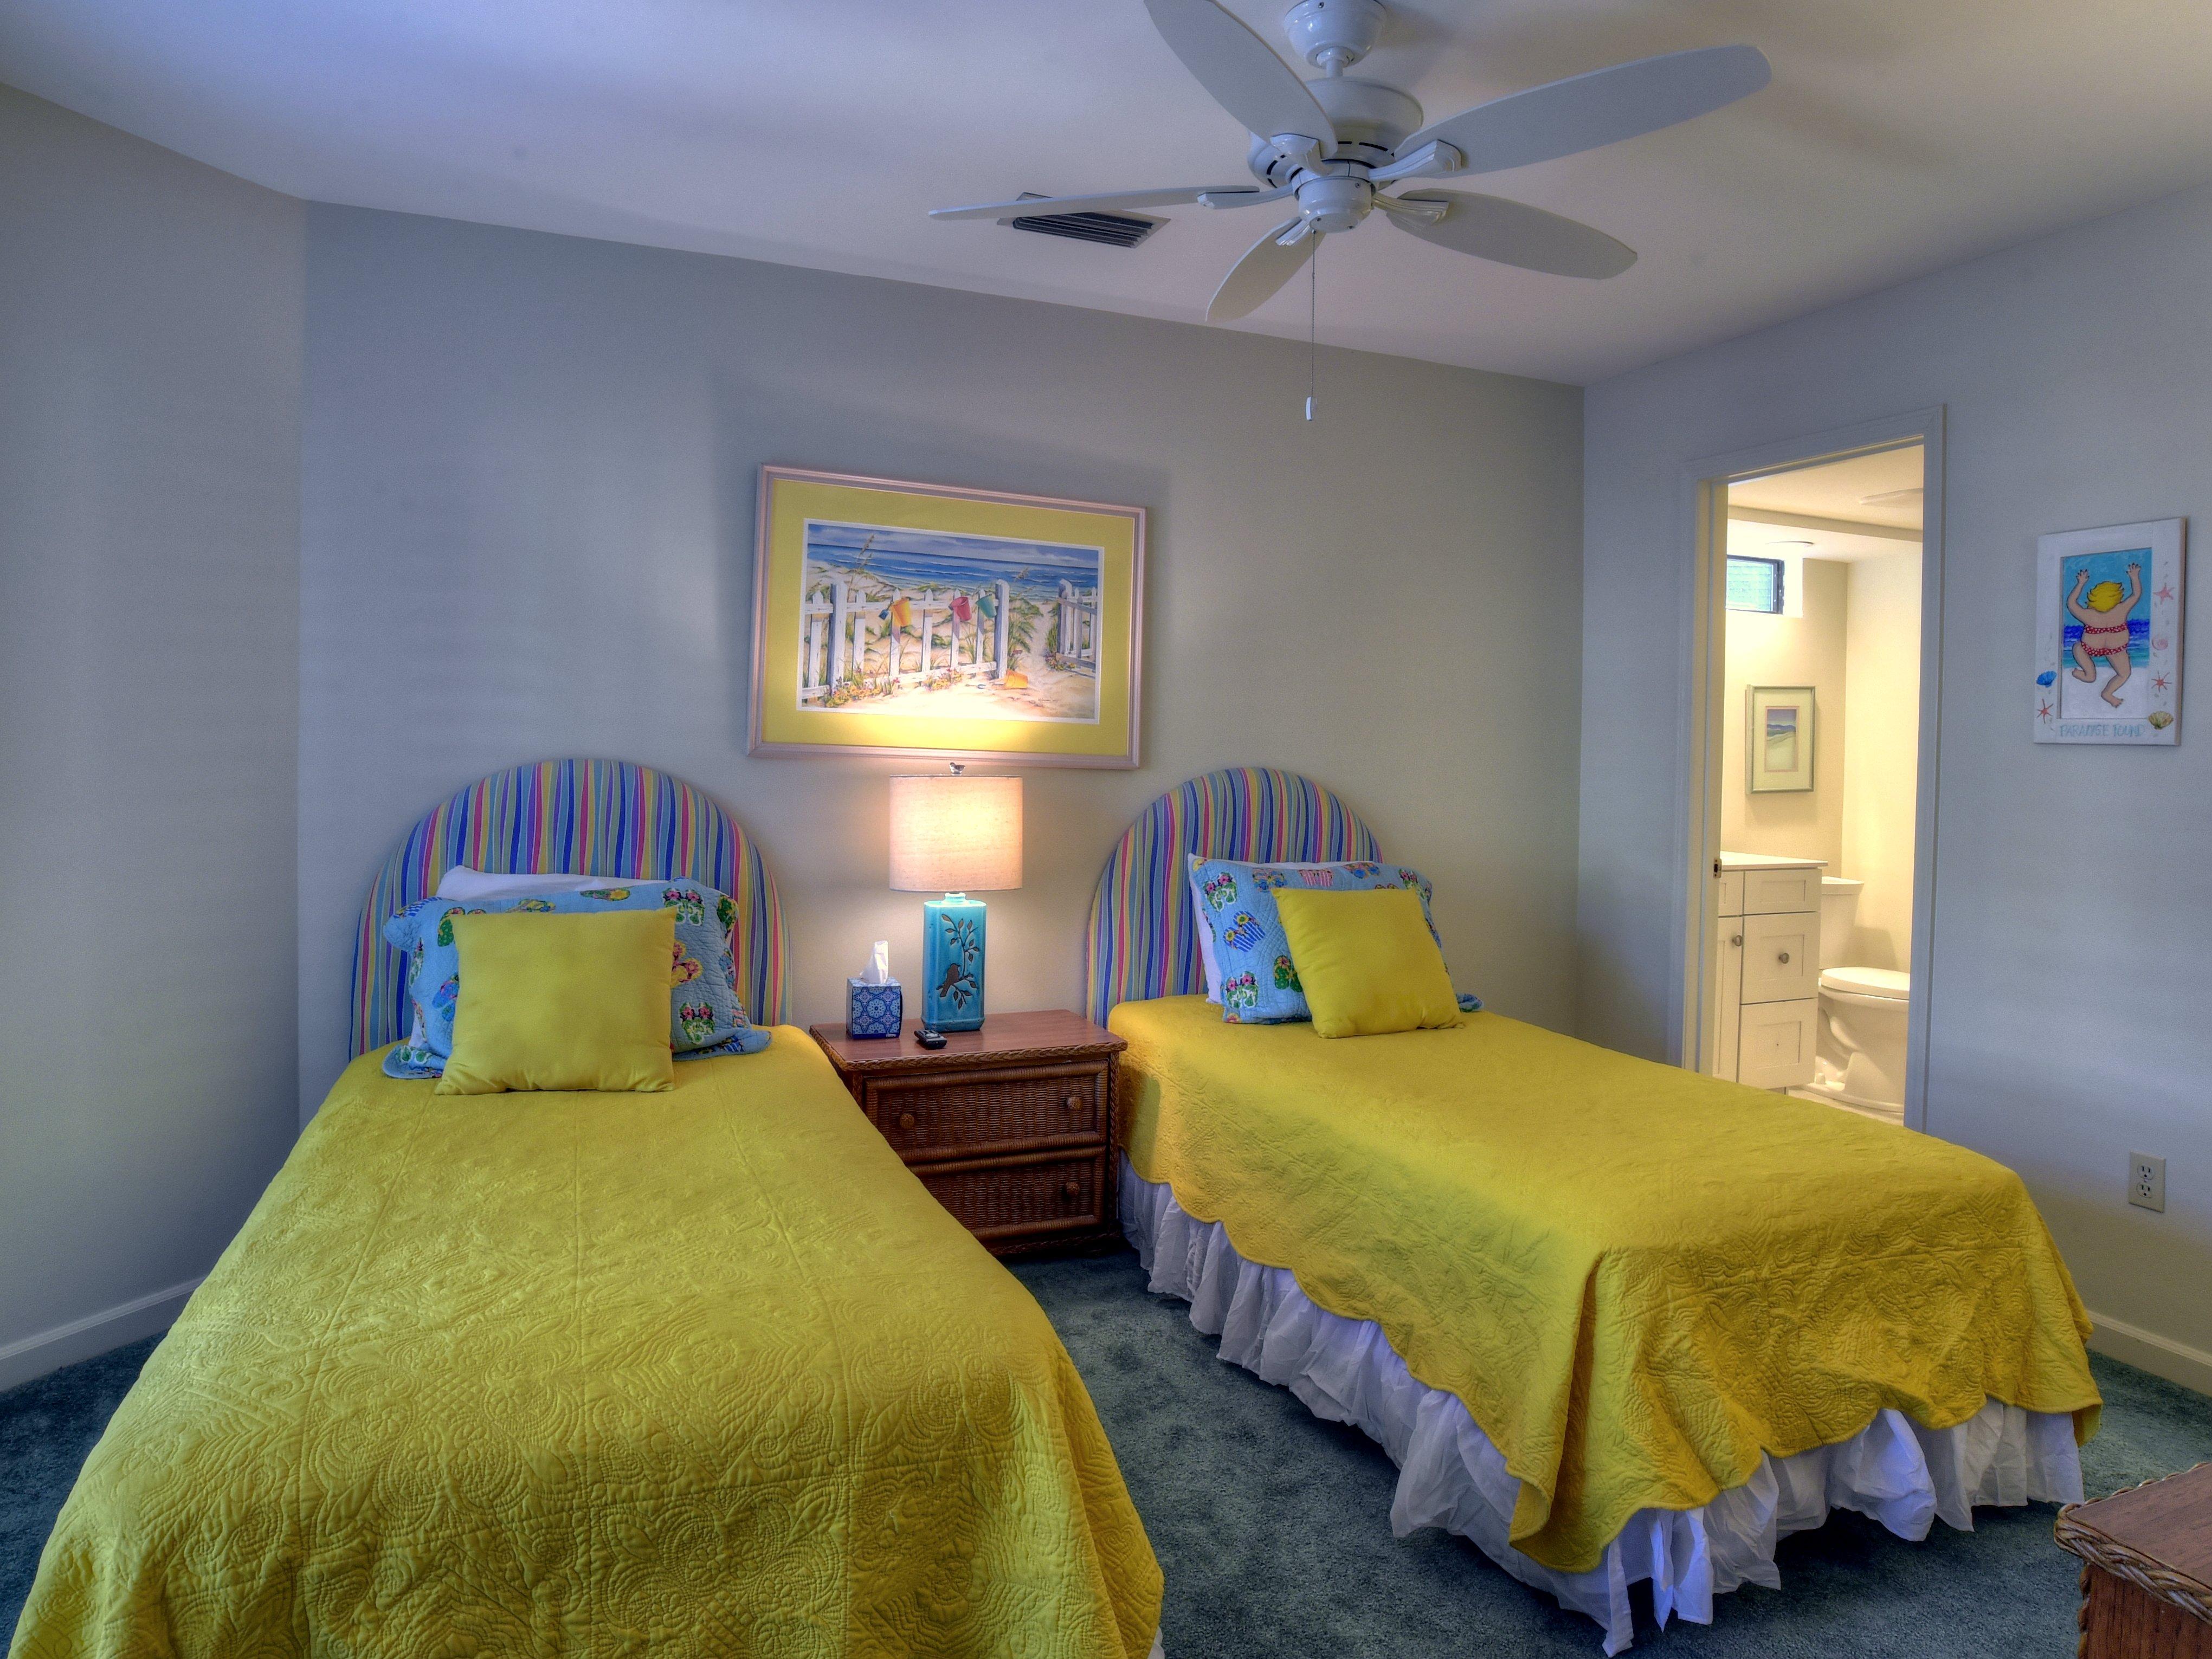 205 Fairways Condo rental in Sandestin Rentals ~ Cottages and Villas  in Destin Florida - #10